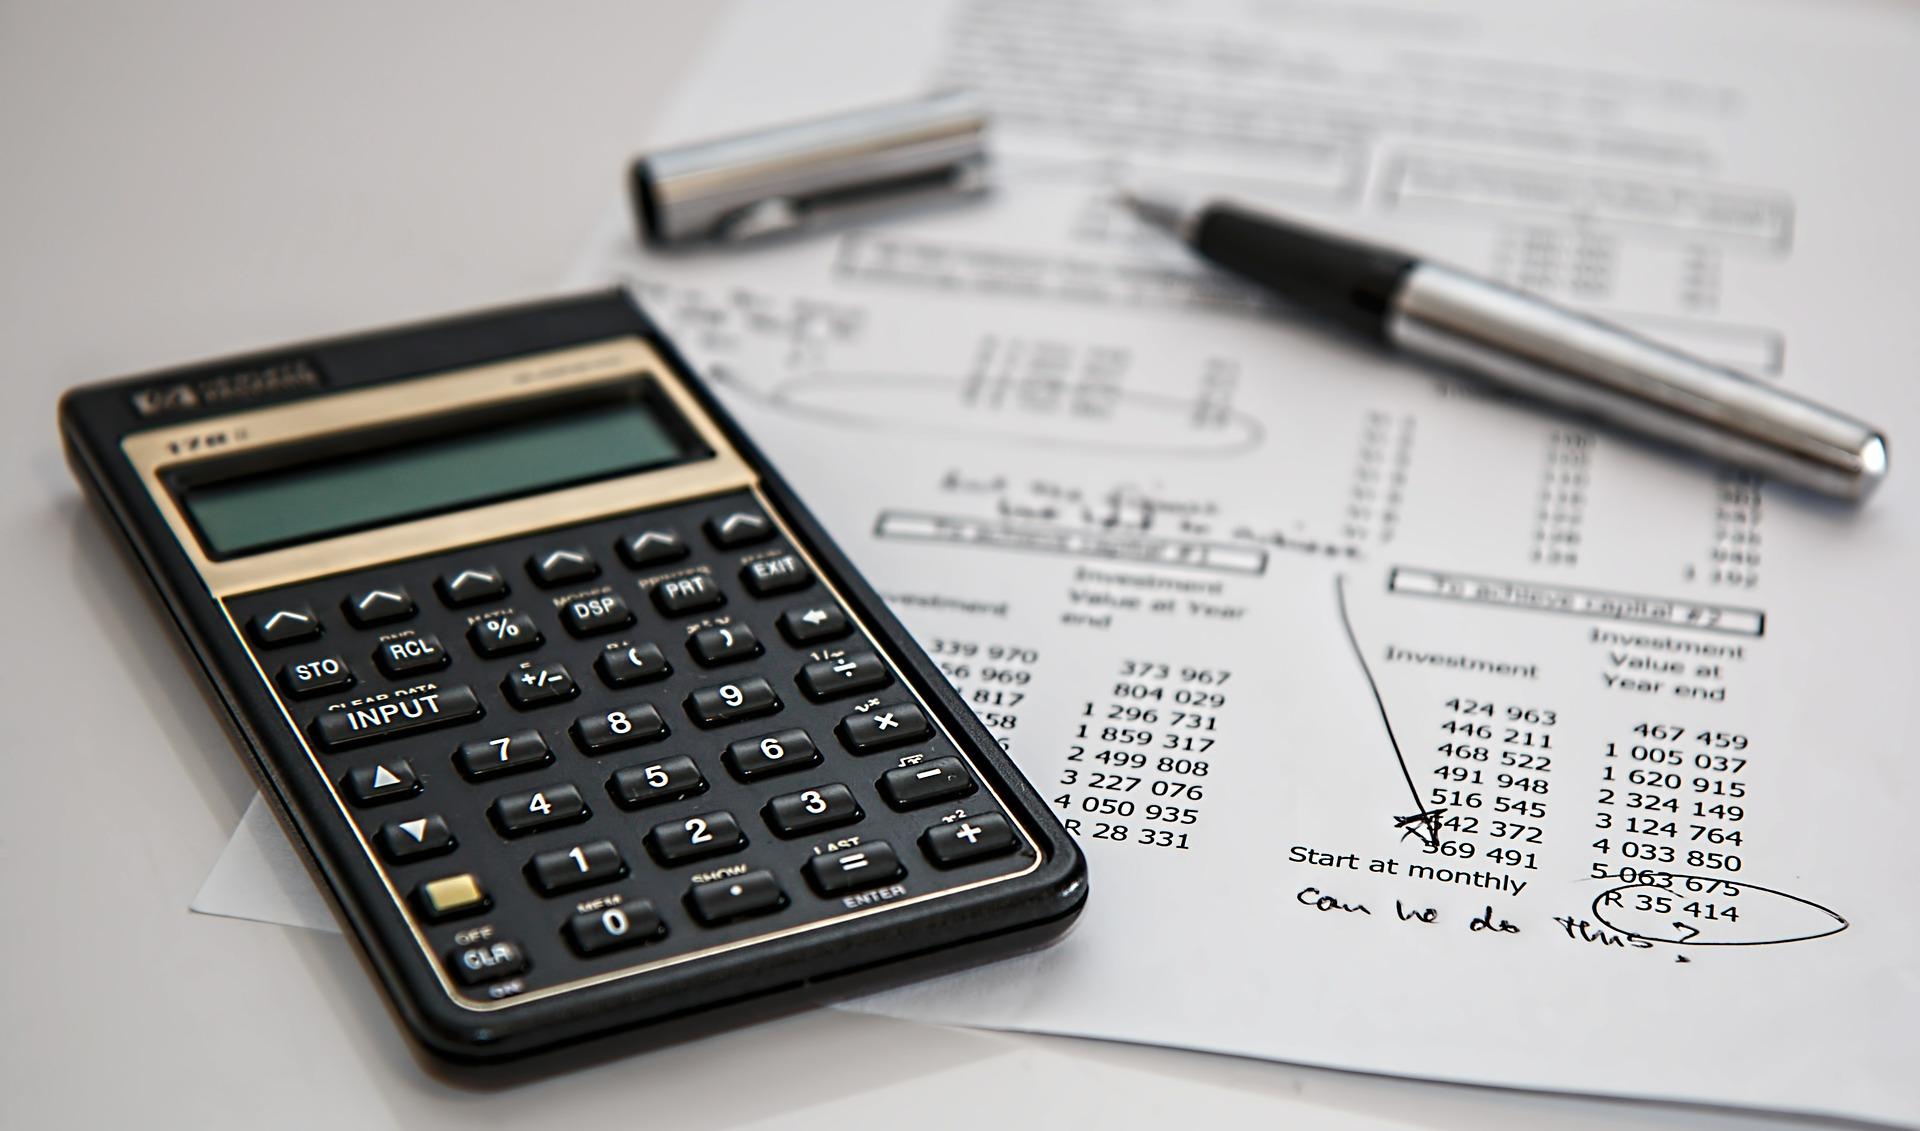 ¿Cuánto cotiza anualmente el mercado de consultoría en España?